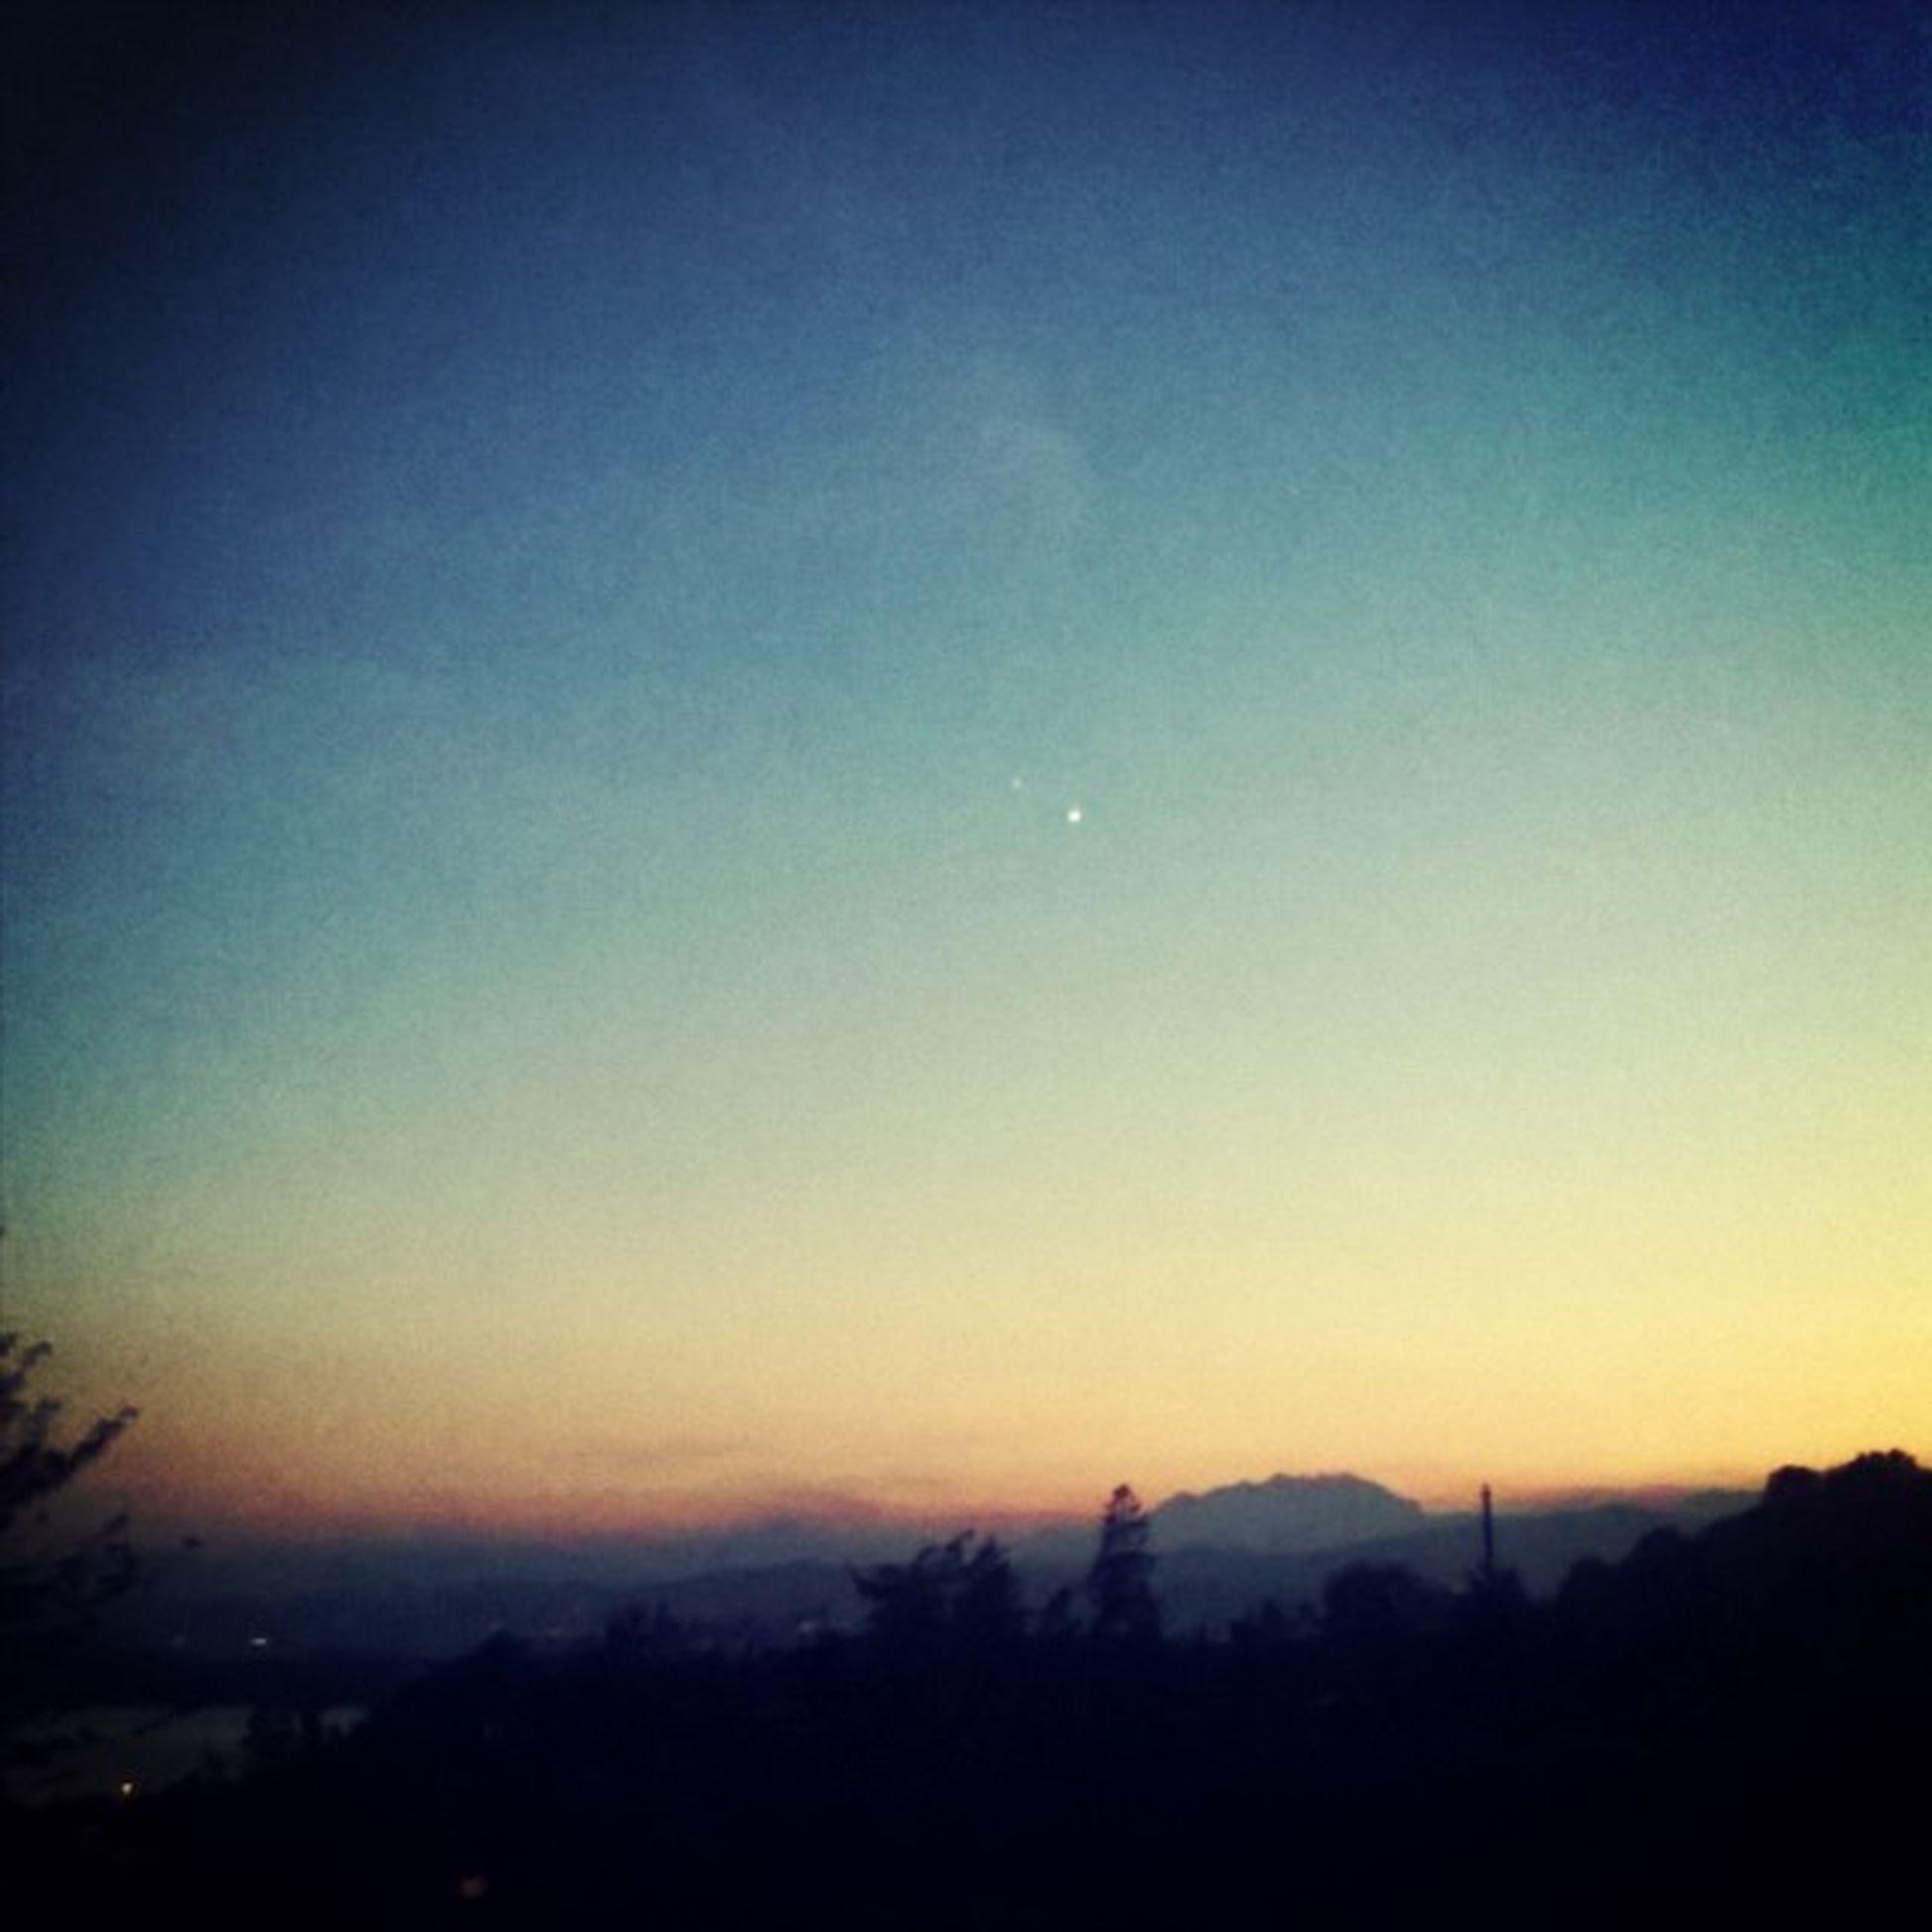 I will learn to love the sky i'm under Mustonate Friends Lanottechehovistolestelle Venere Giove Ccezionale Cantata Mumford Godere